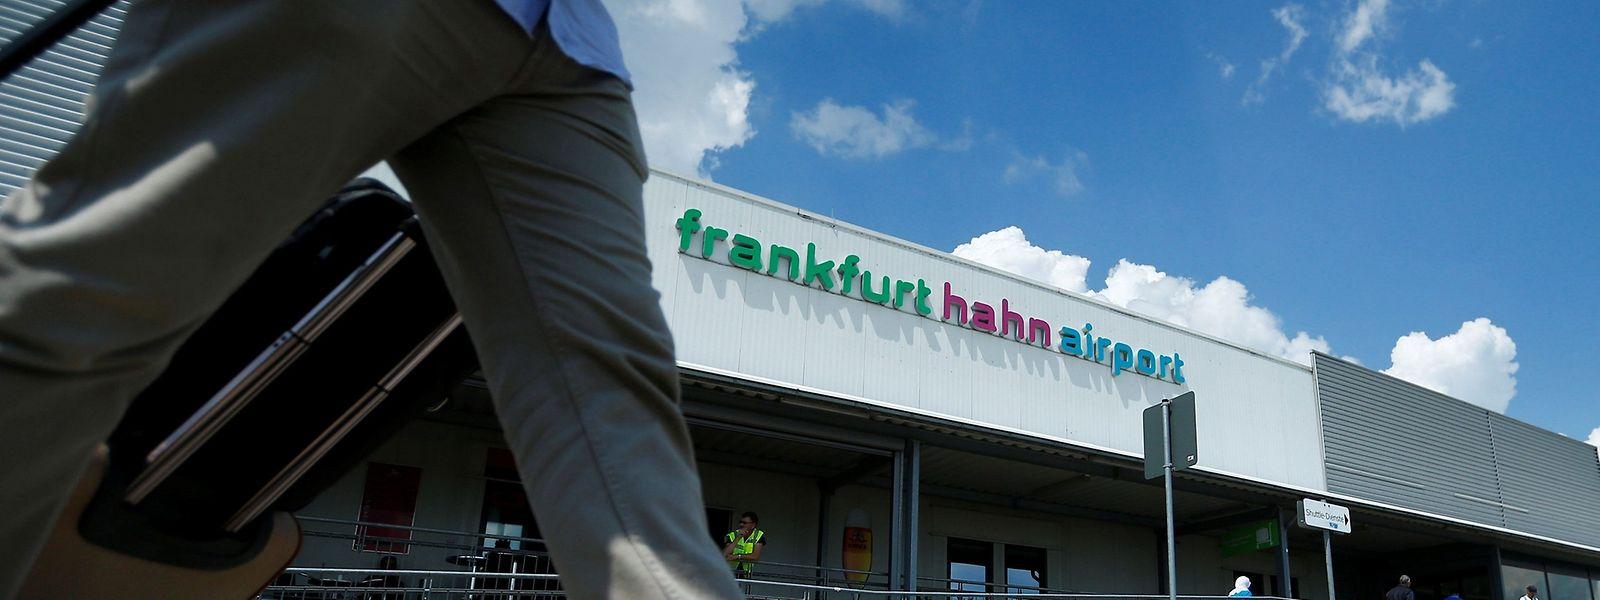 Die Shanghai Yiqian Trading Company (SYT) hat die rheinland-pfälzischen Anteile (82,5 Prozent) am hoch defizitären Flughafen Hahn übernommen und will auch die hessischen 17,5 Prozent kaufen.